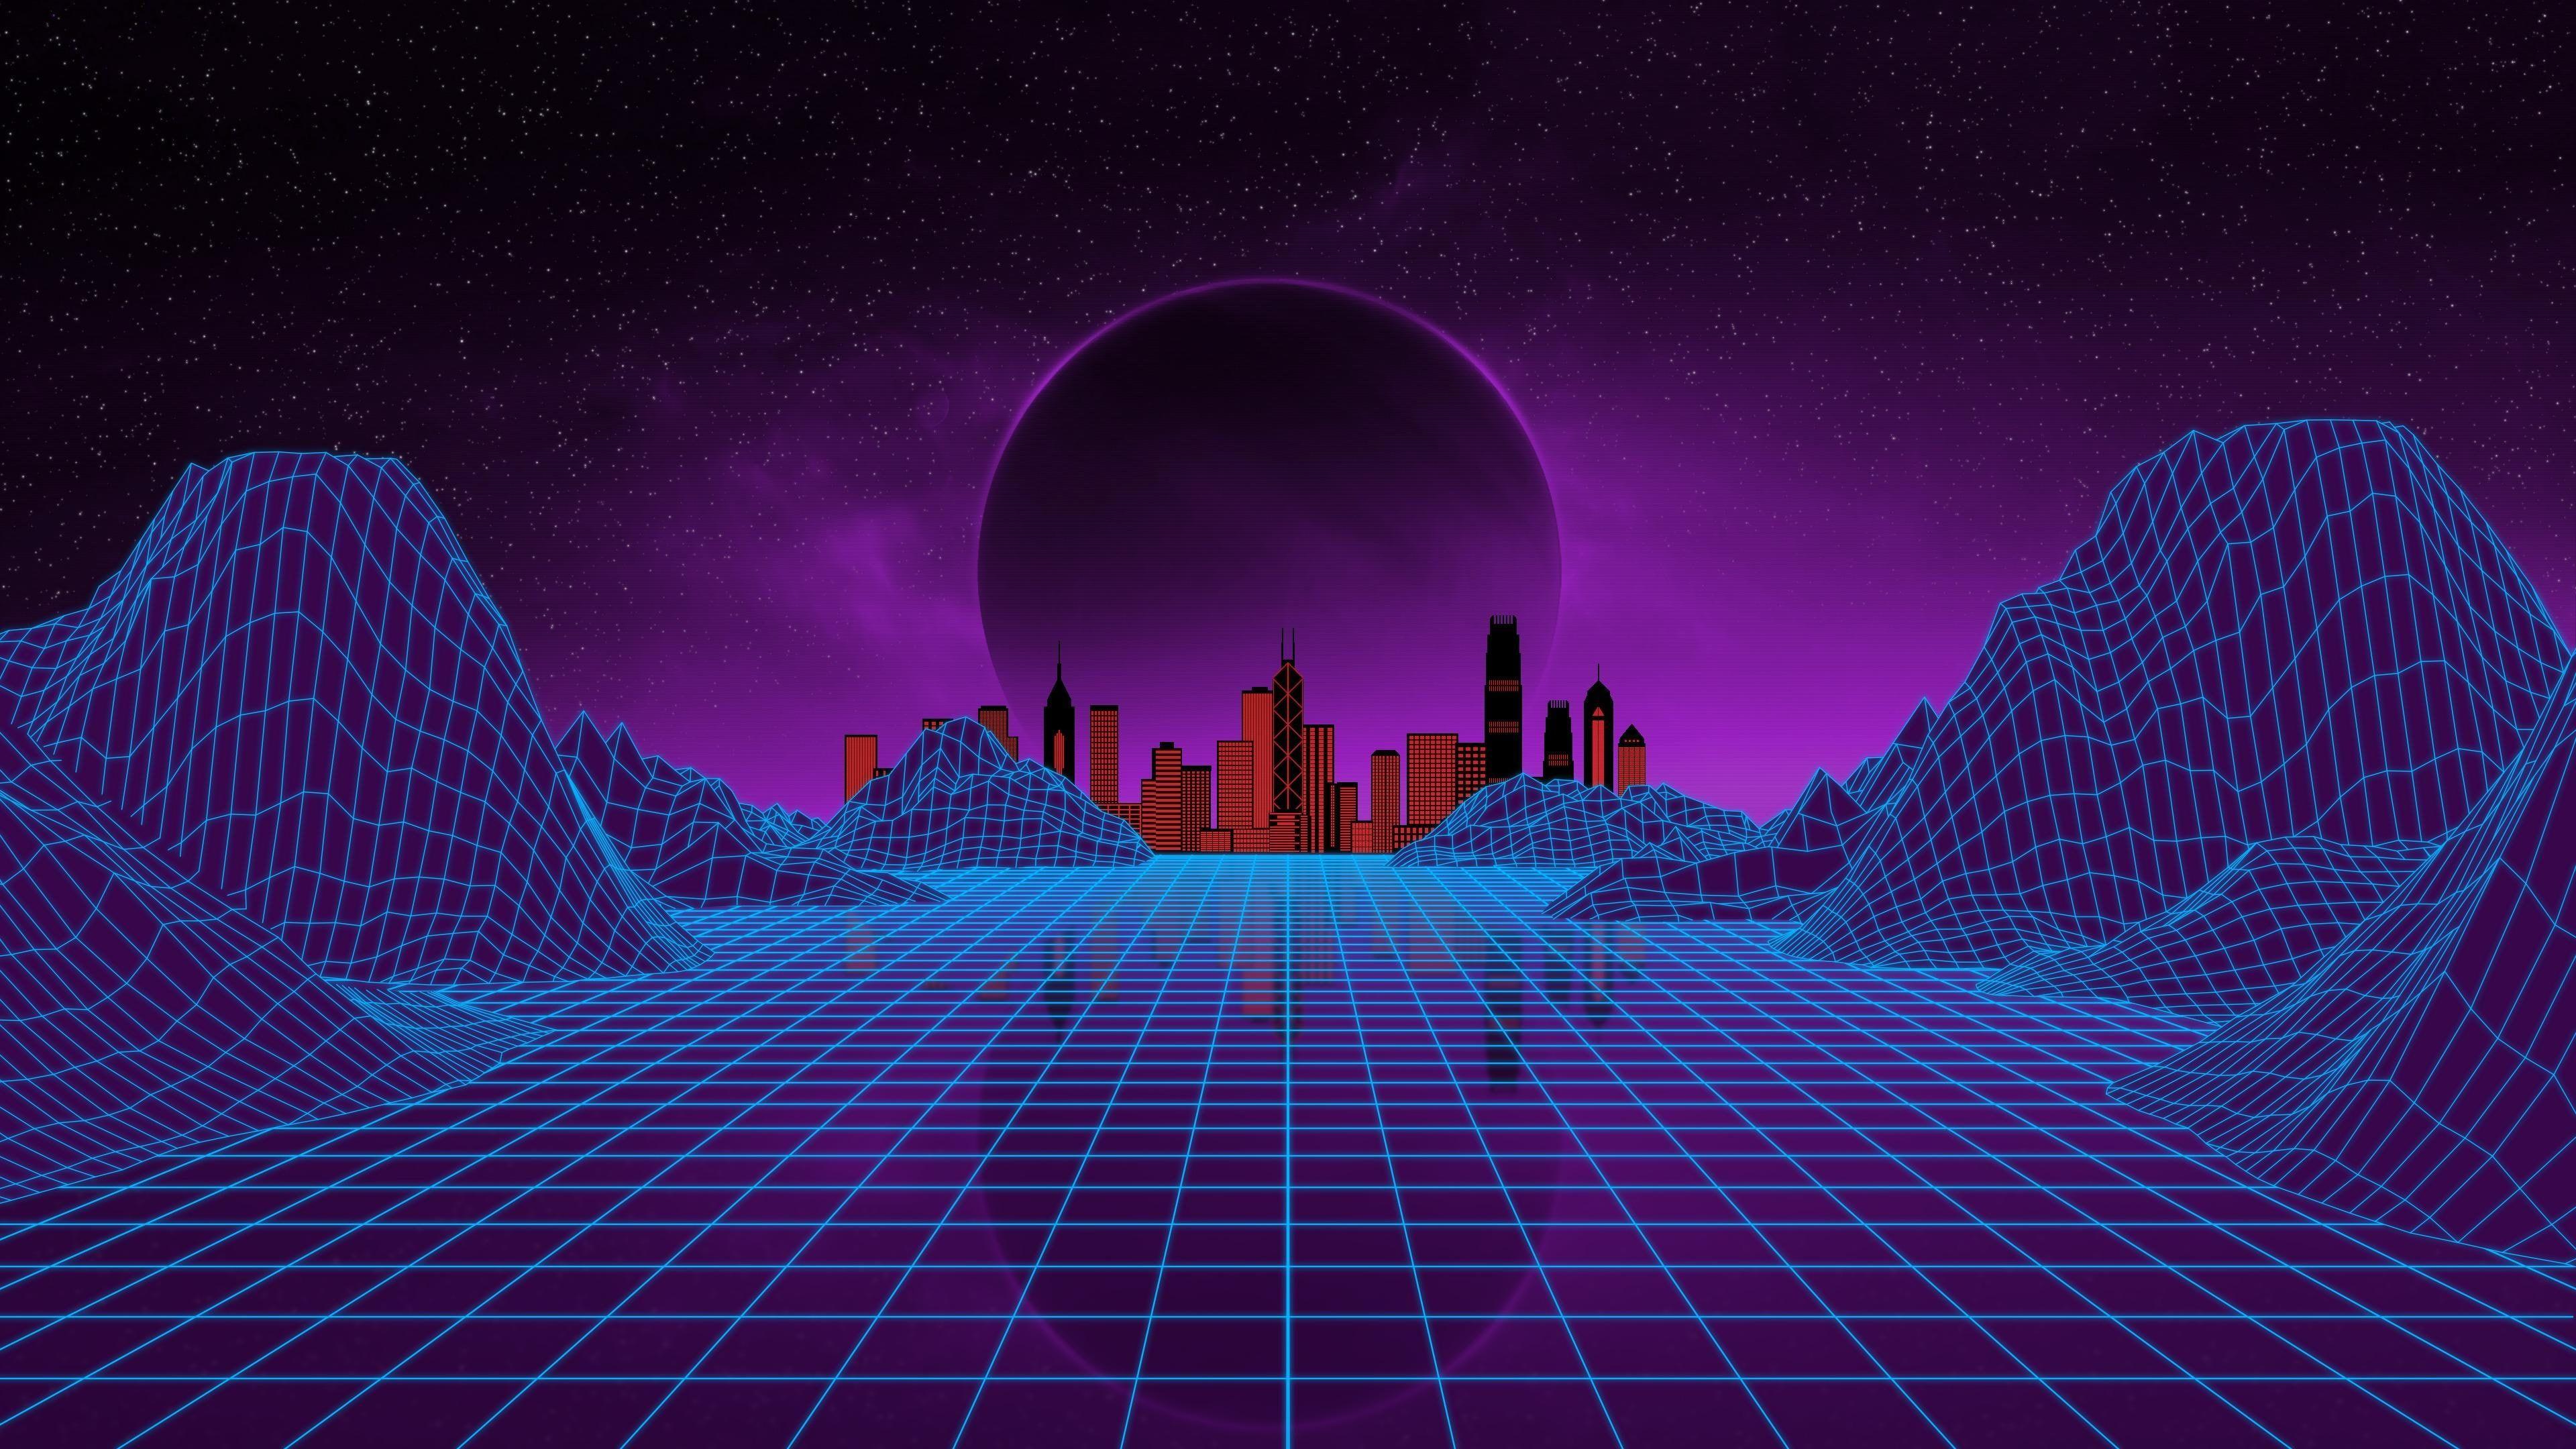 #purple #vaporwave #1980s #night virtual reality #space # ...